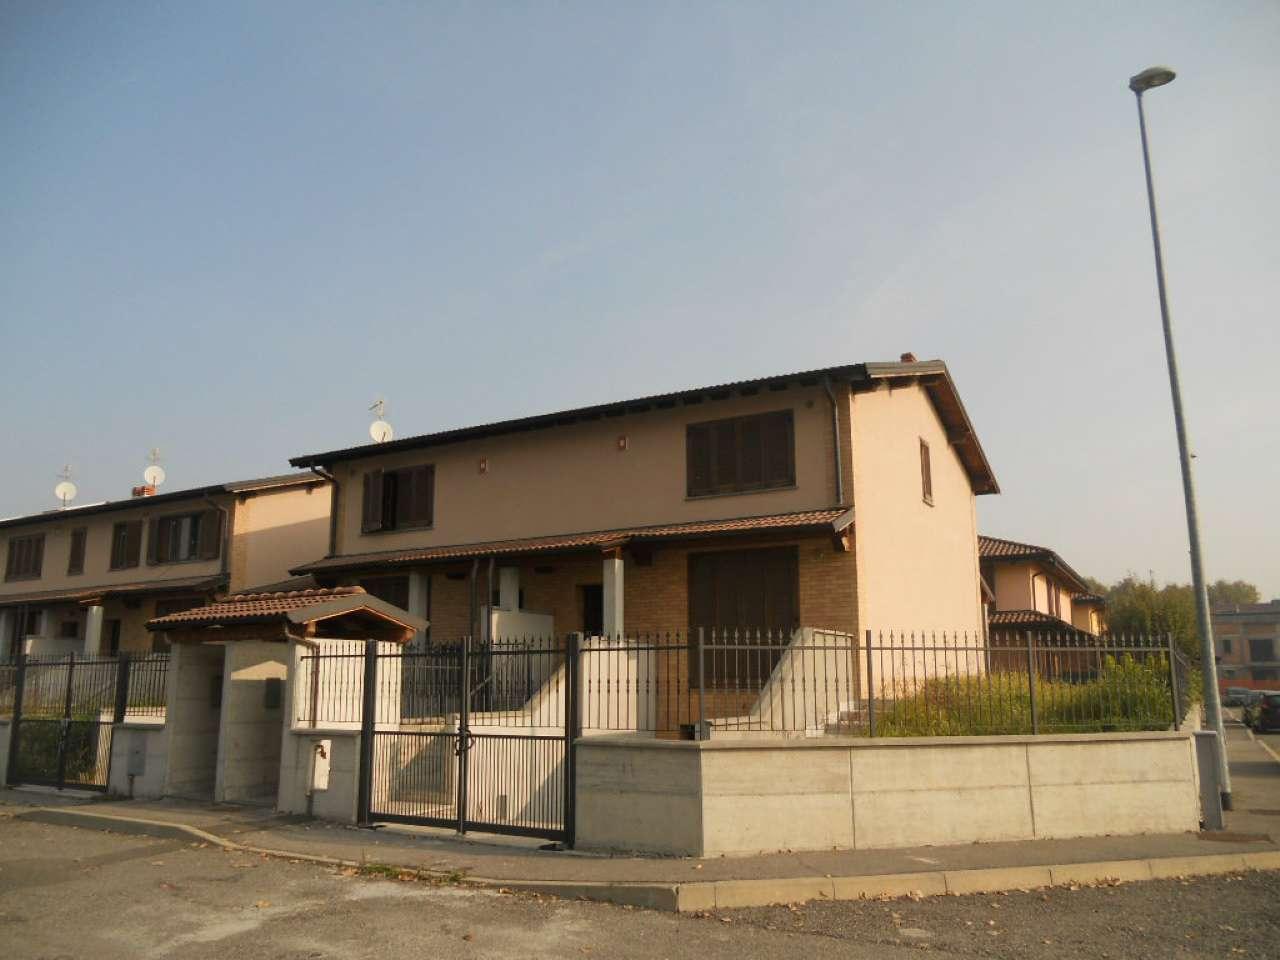 Villa Bifamiliare in Vendita a Pieve Fissiraga